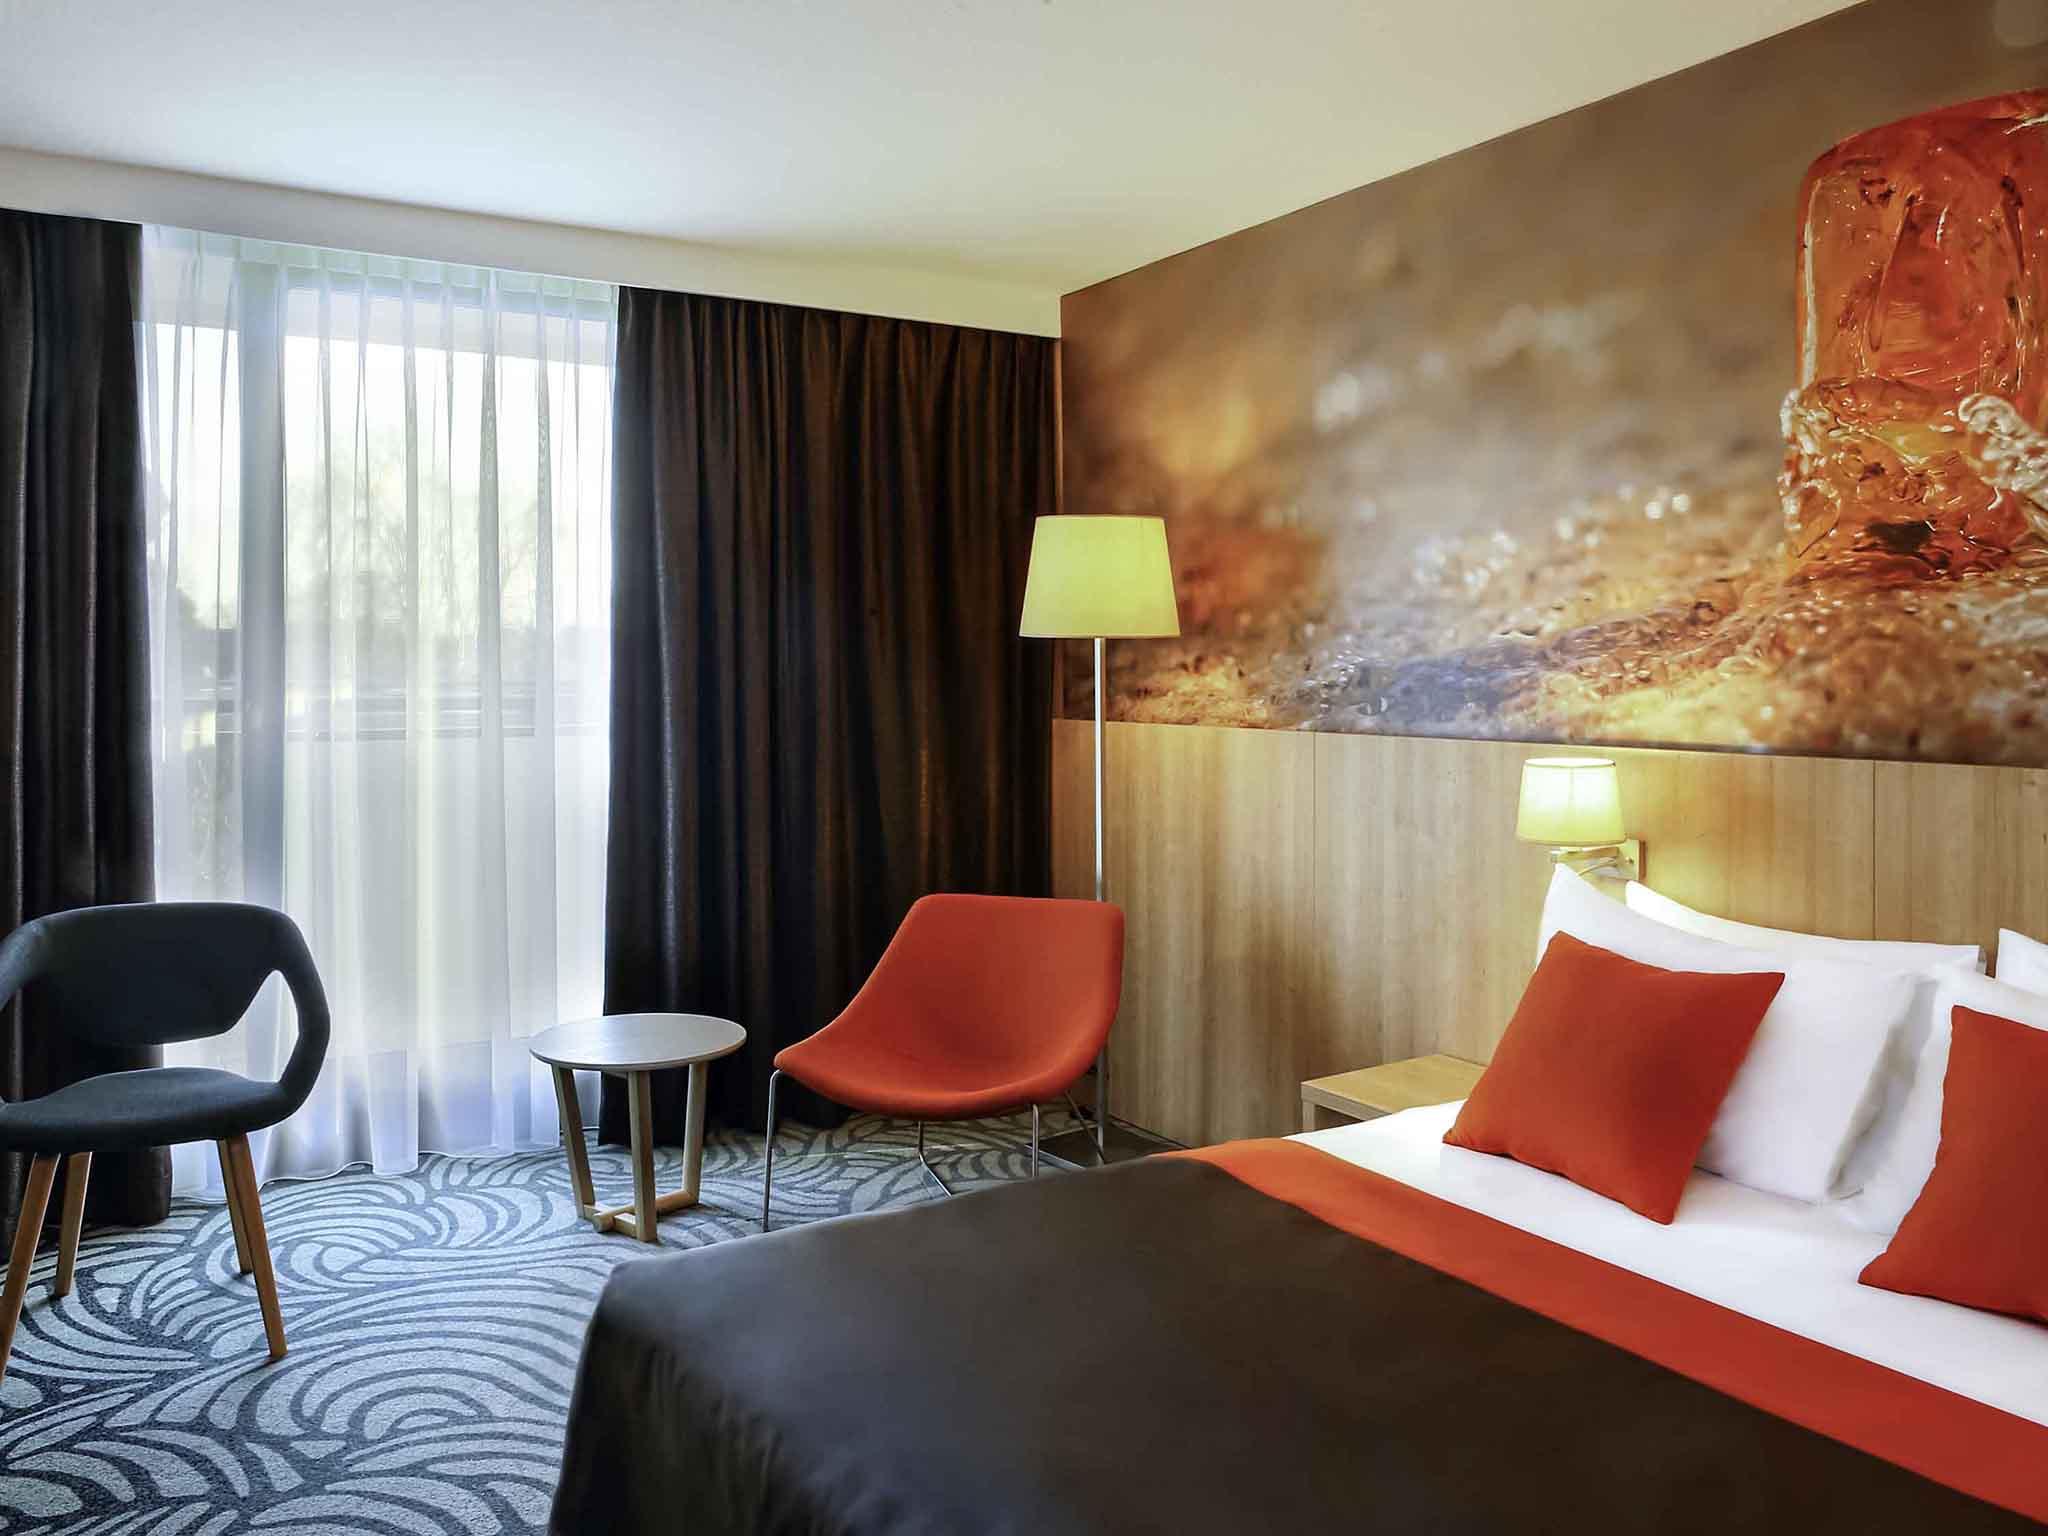 酒店 – 泼斯吉德格但斯克美居酒店